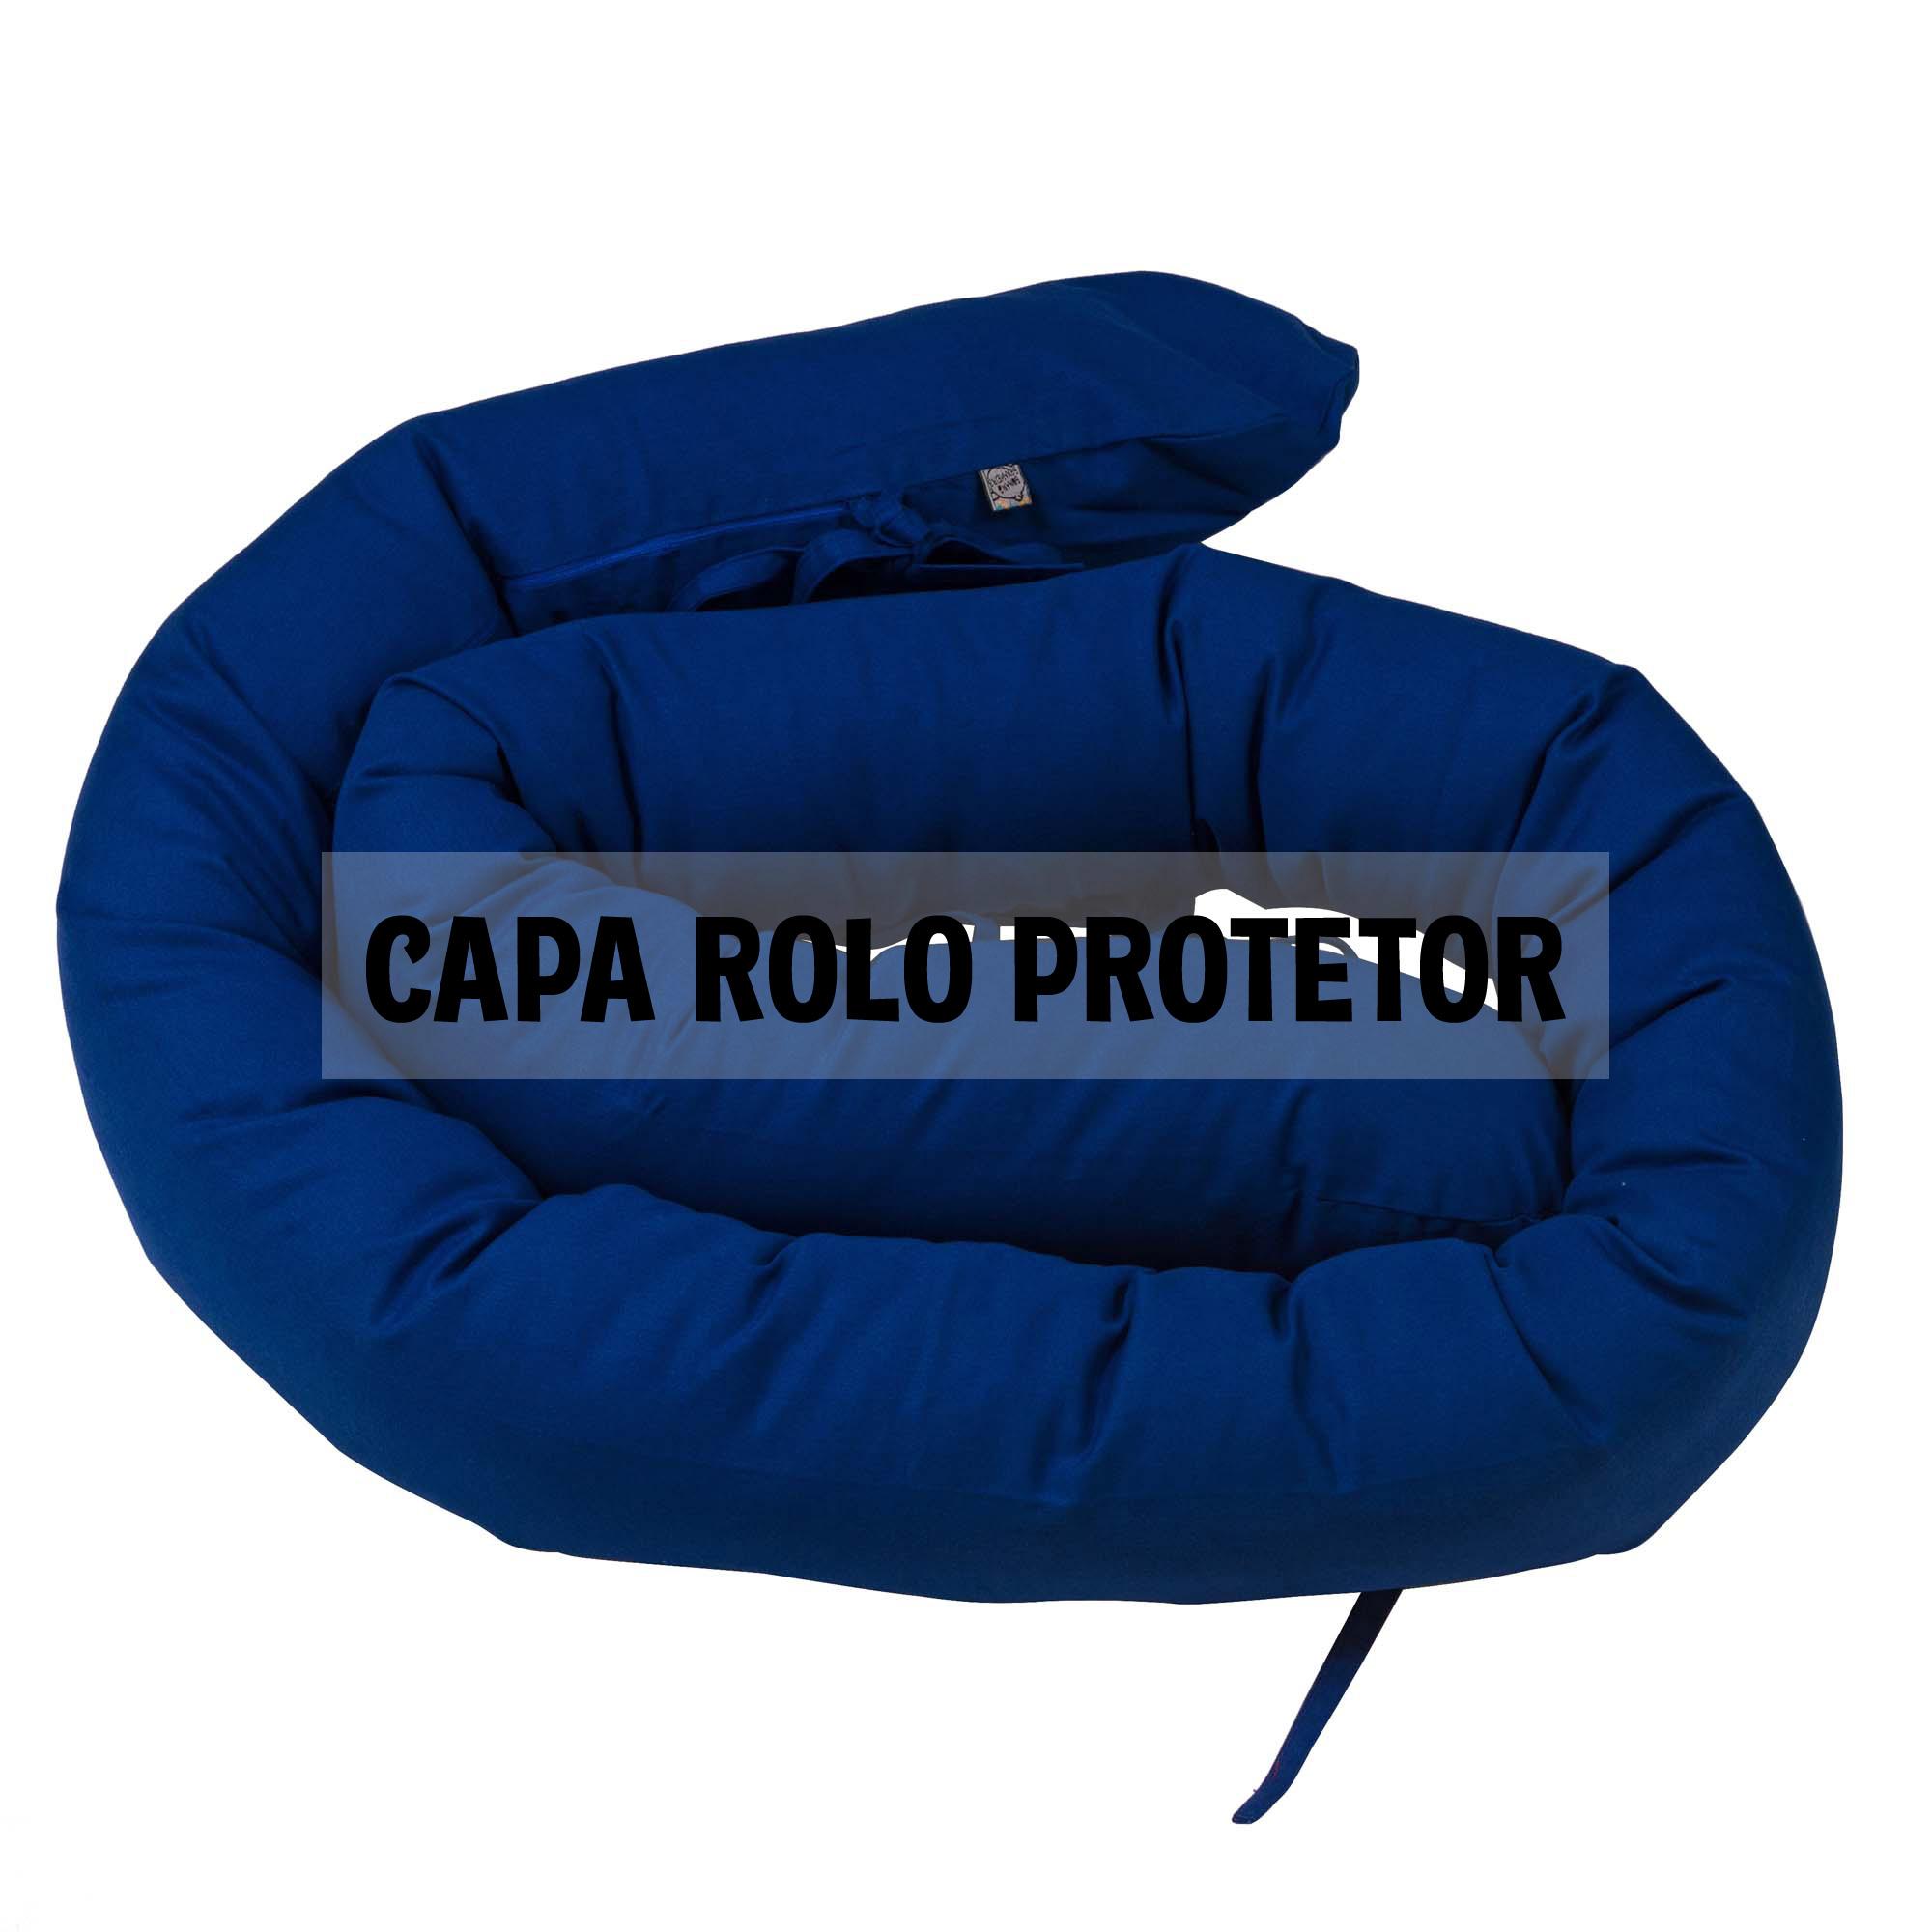 Capa de rolo protetor espaguete azul clássico